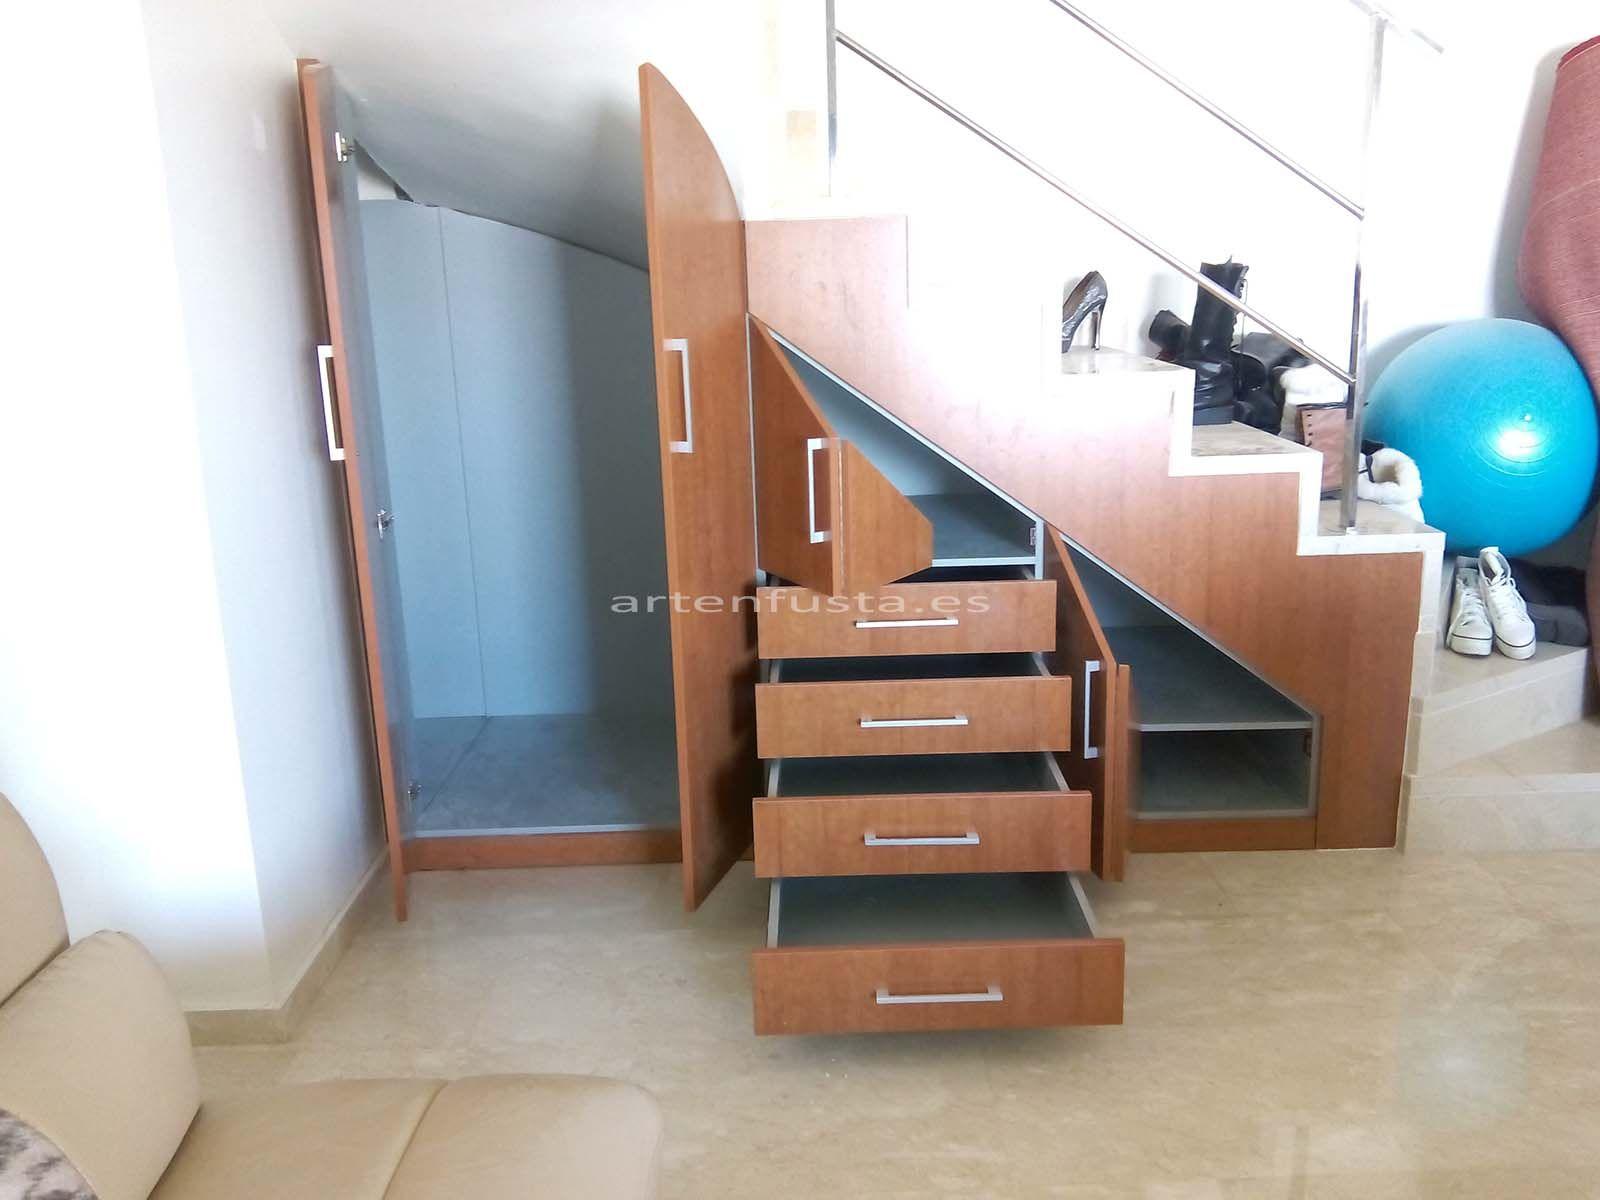 mueble bajo de escalera a medida On muebles bajo escalera